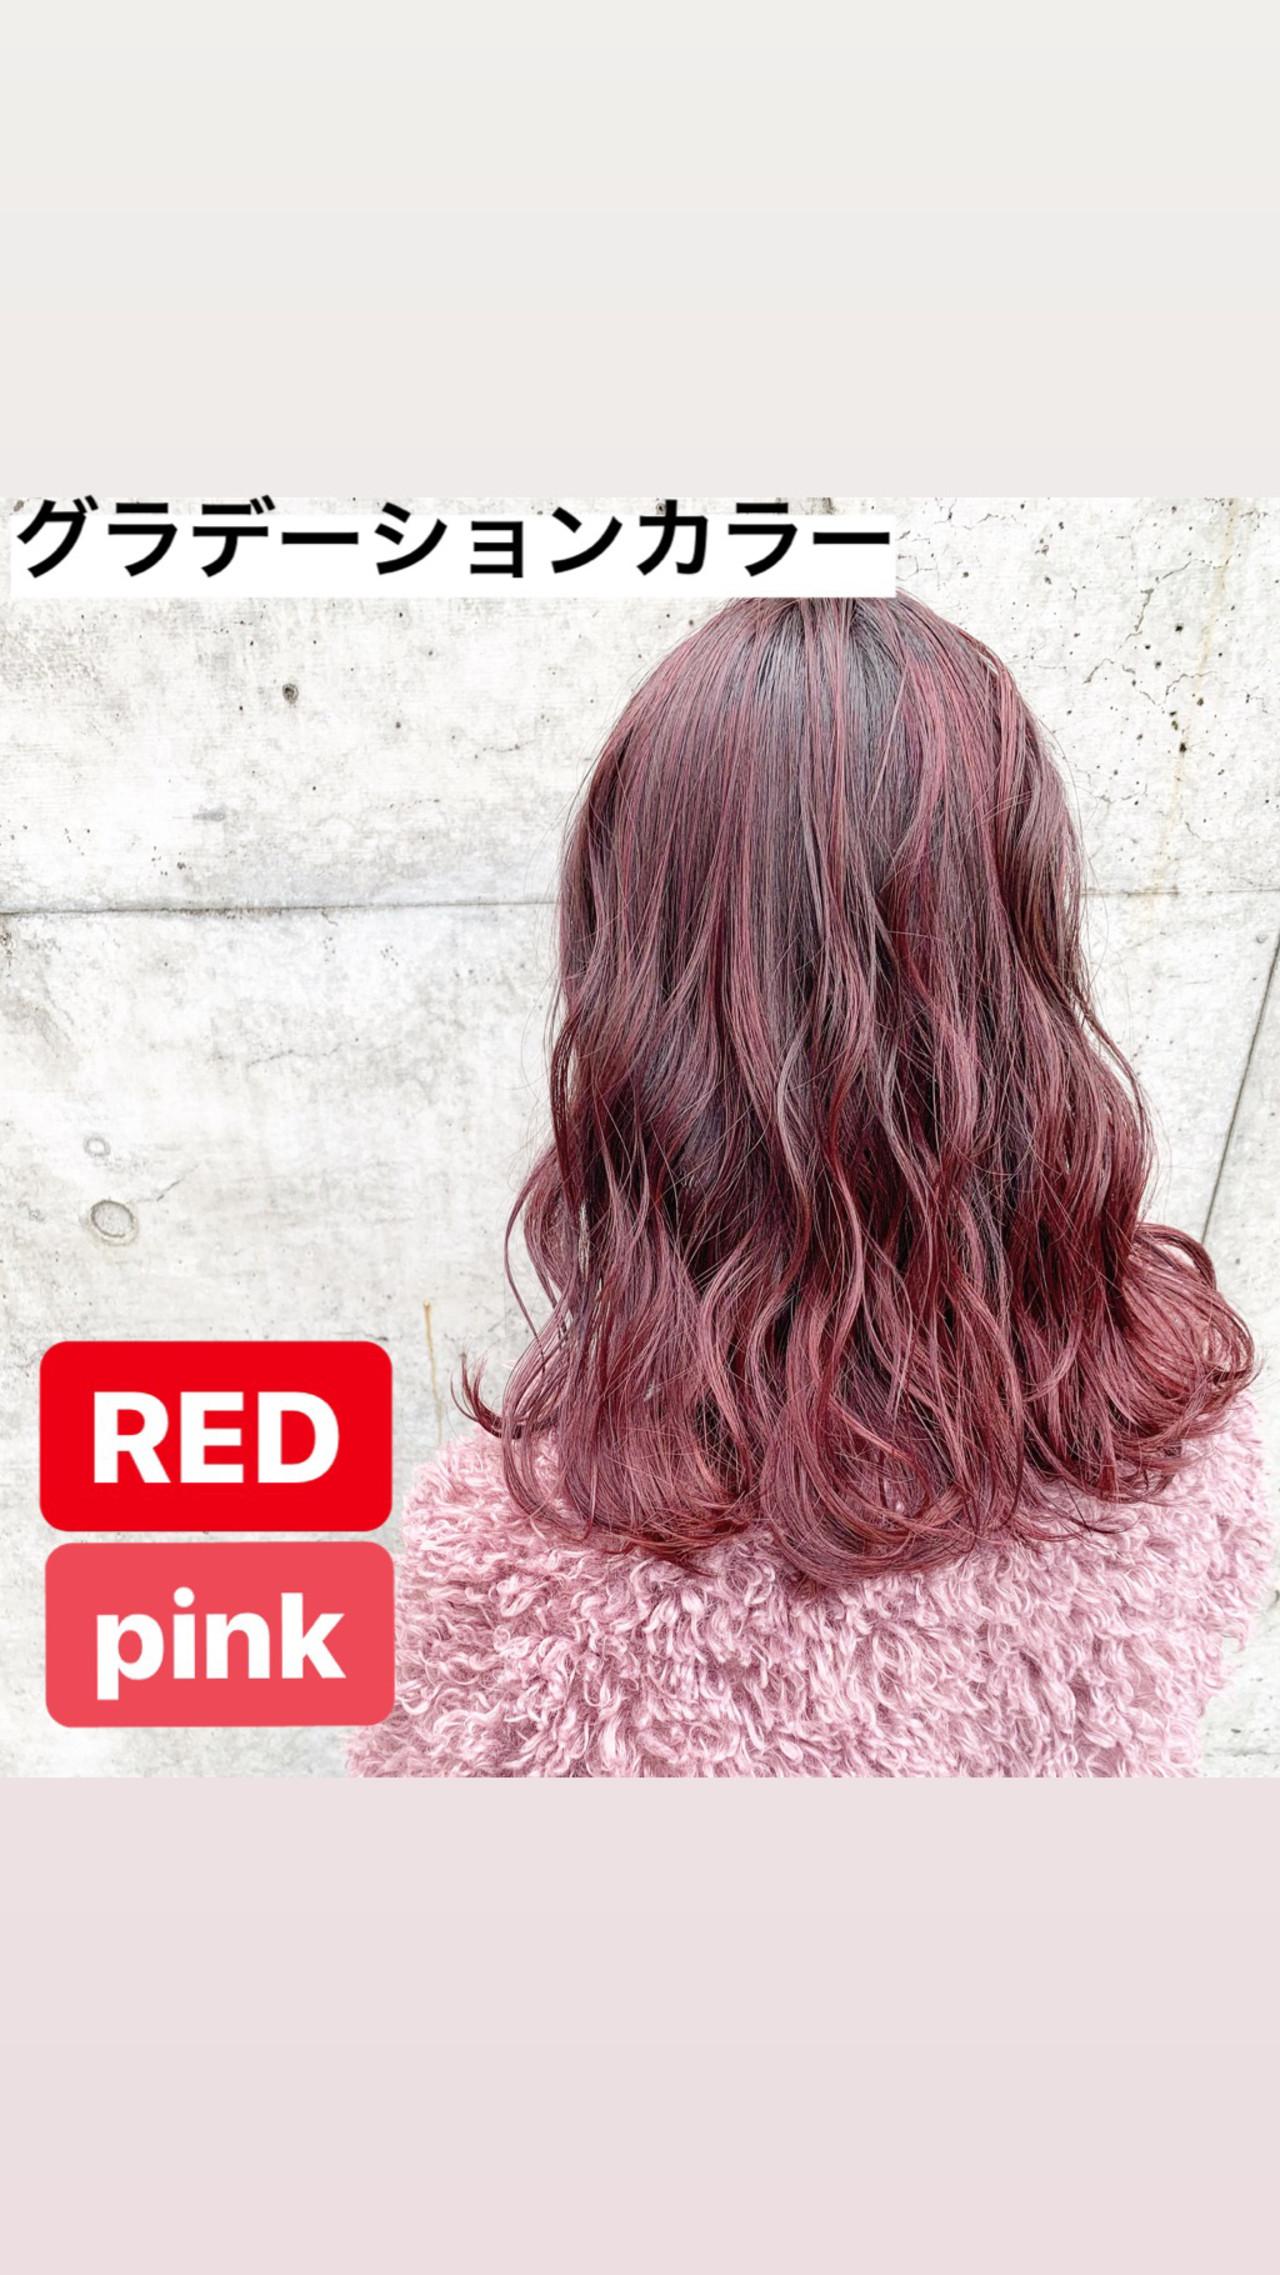 ピンクブラウン ミディアム ベリーピンク チェリーレッド ヘアスタイルや髪型の写真・画像